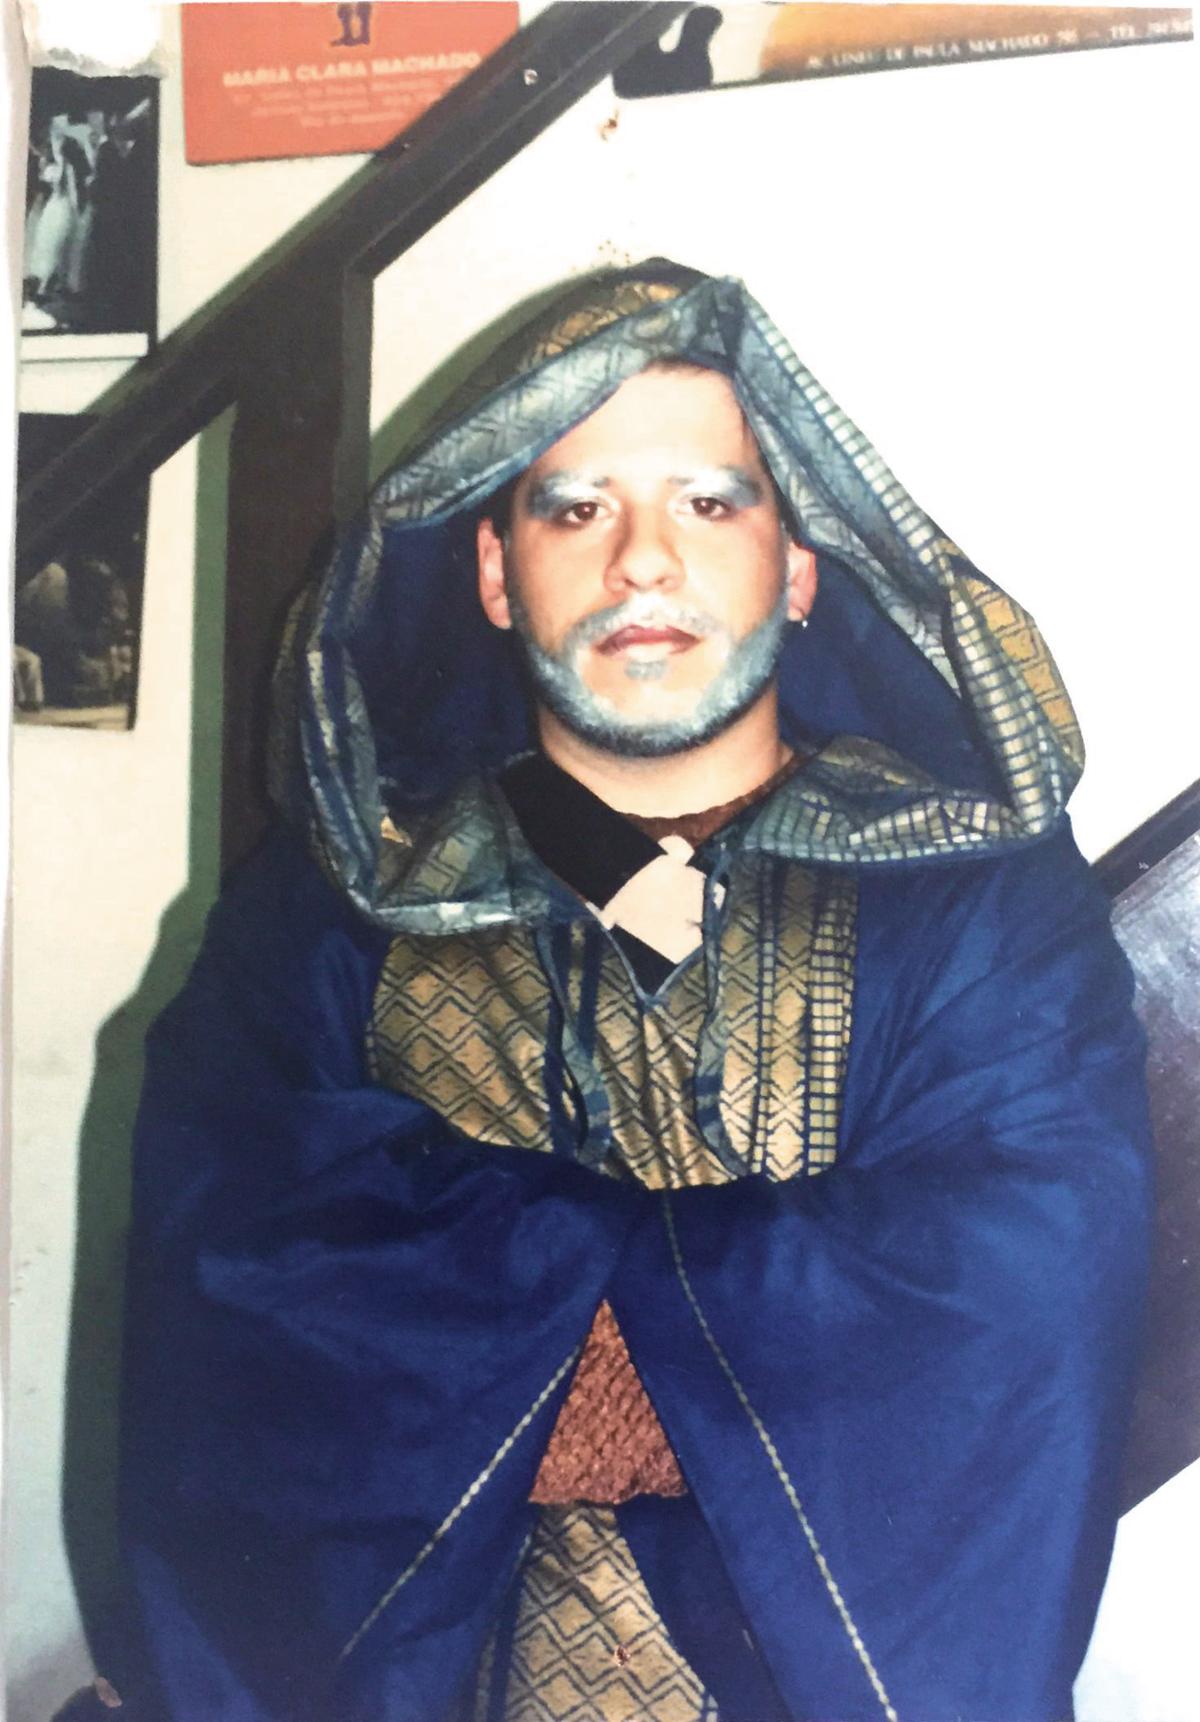 Leandro Hassum na peça 'Bela adormecida', de 1998